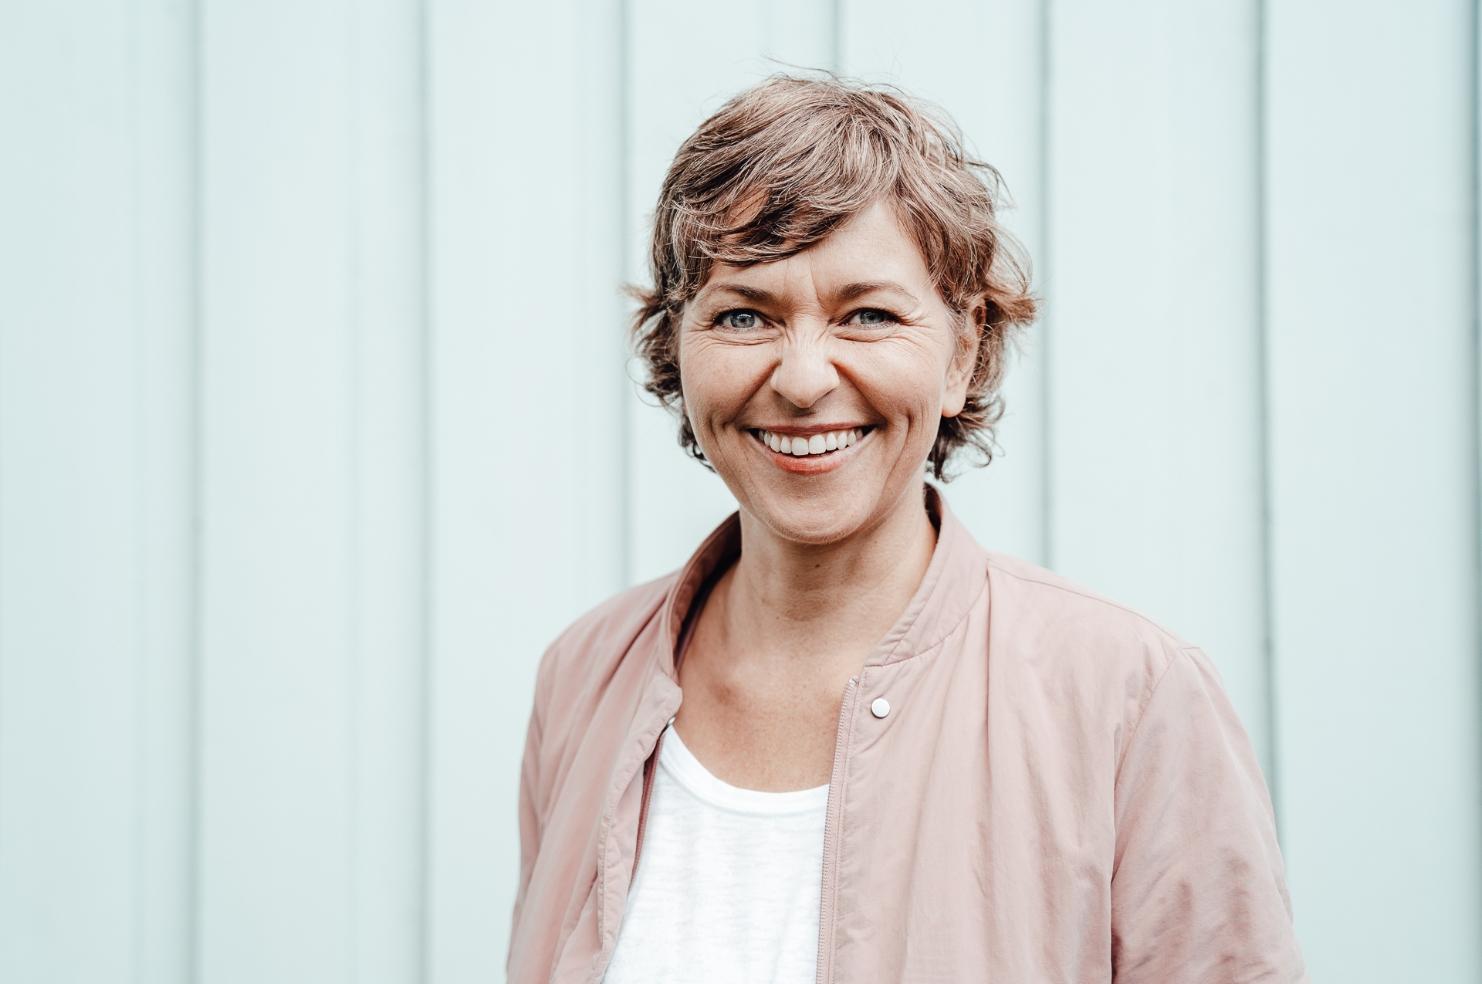 Christine Schmid trägt eine hellrosafarbende Jacke und lächelt in die Kamera.